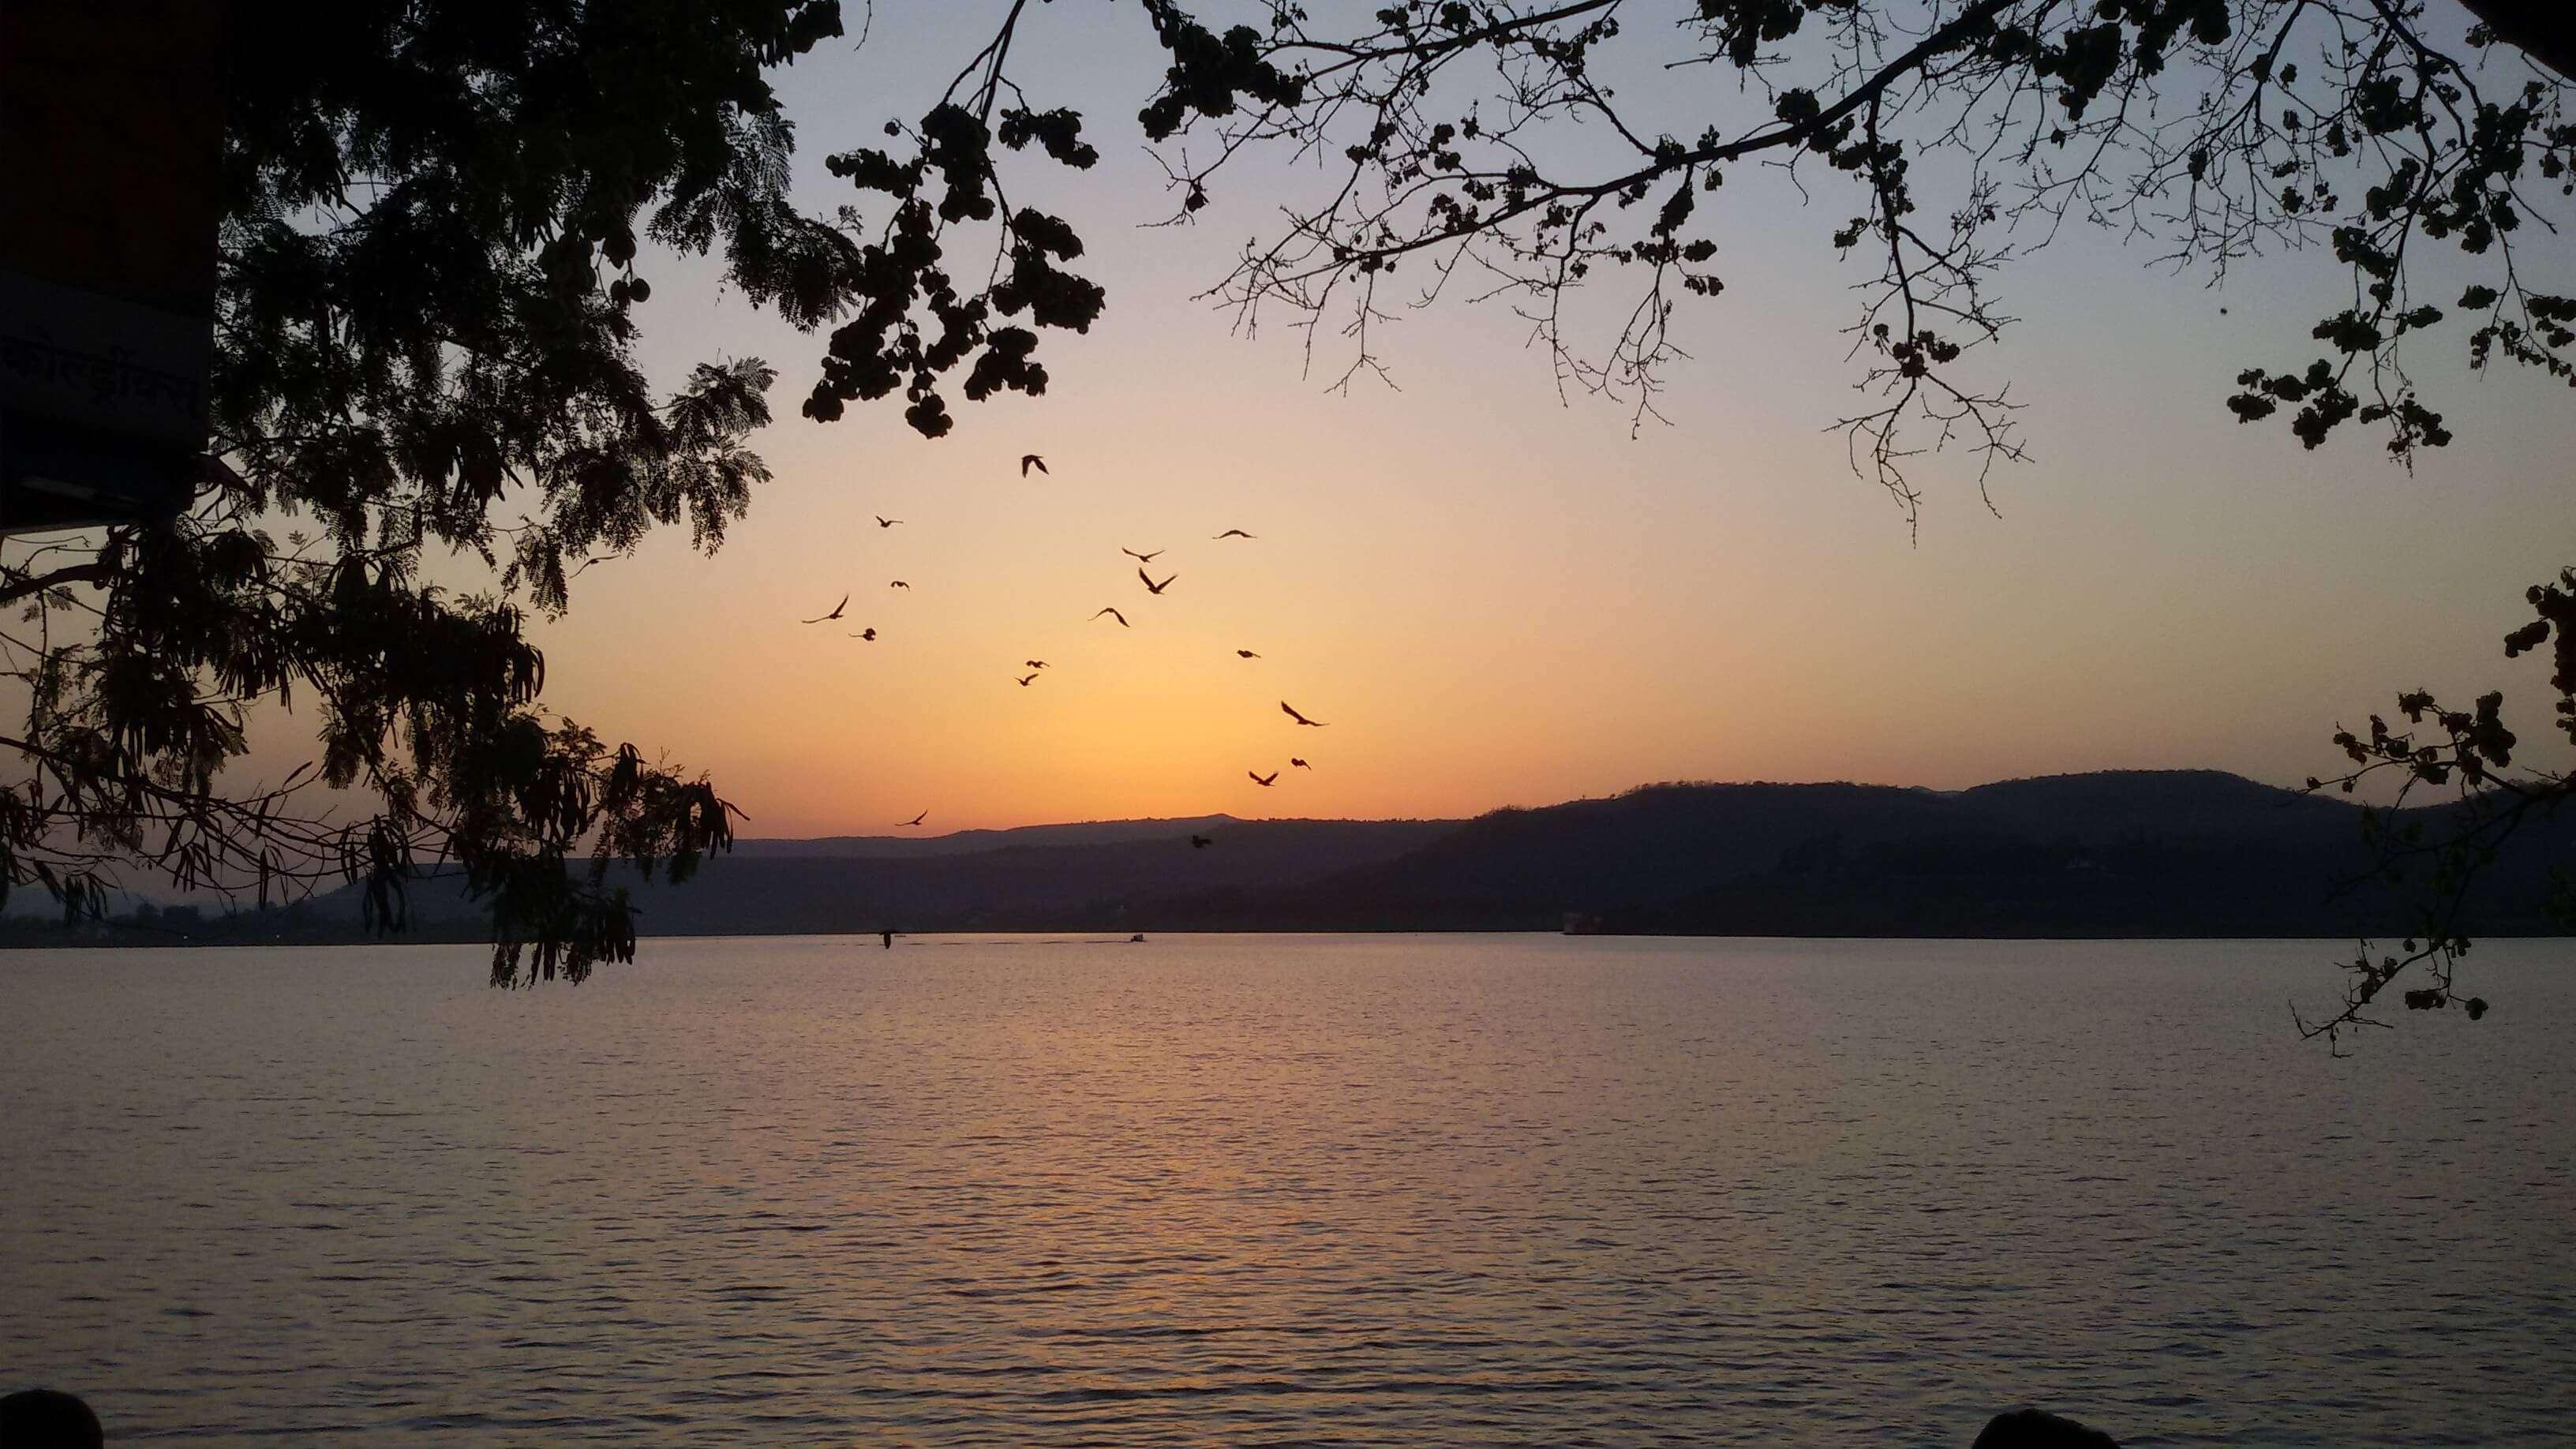 Sunset_at_Khadakwasla_dam_pune